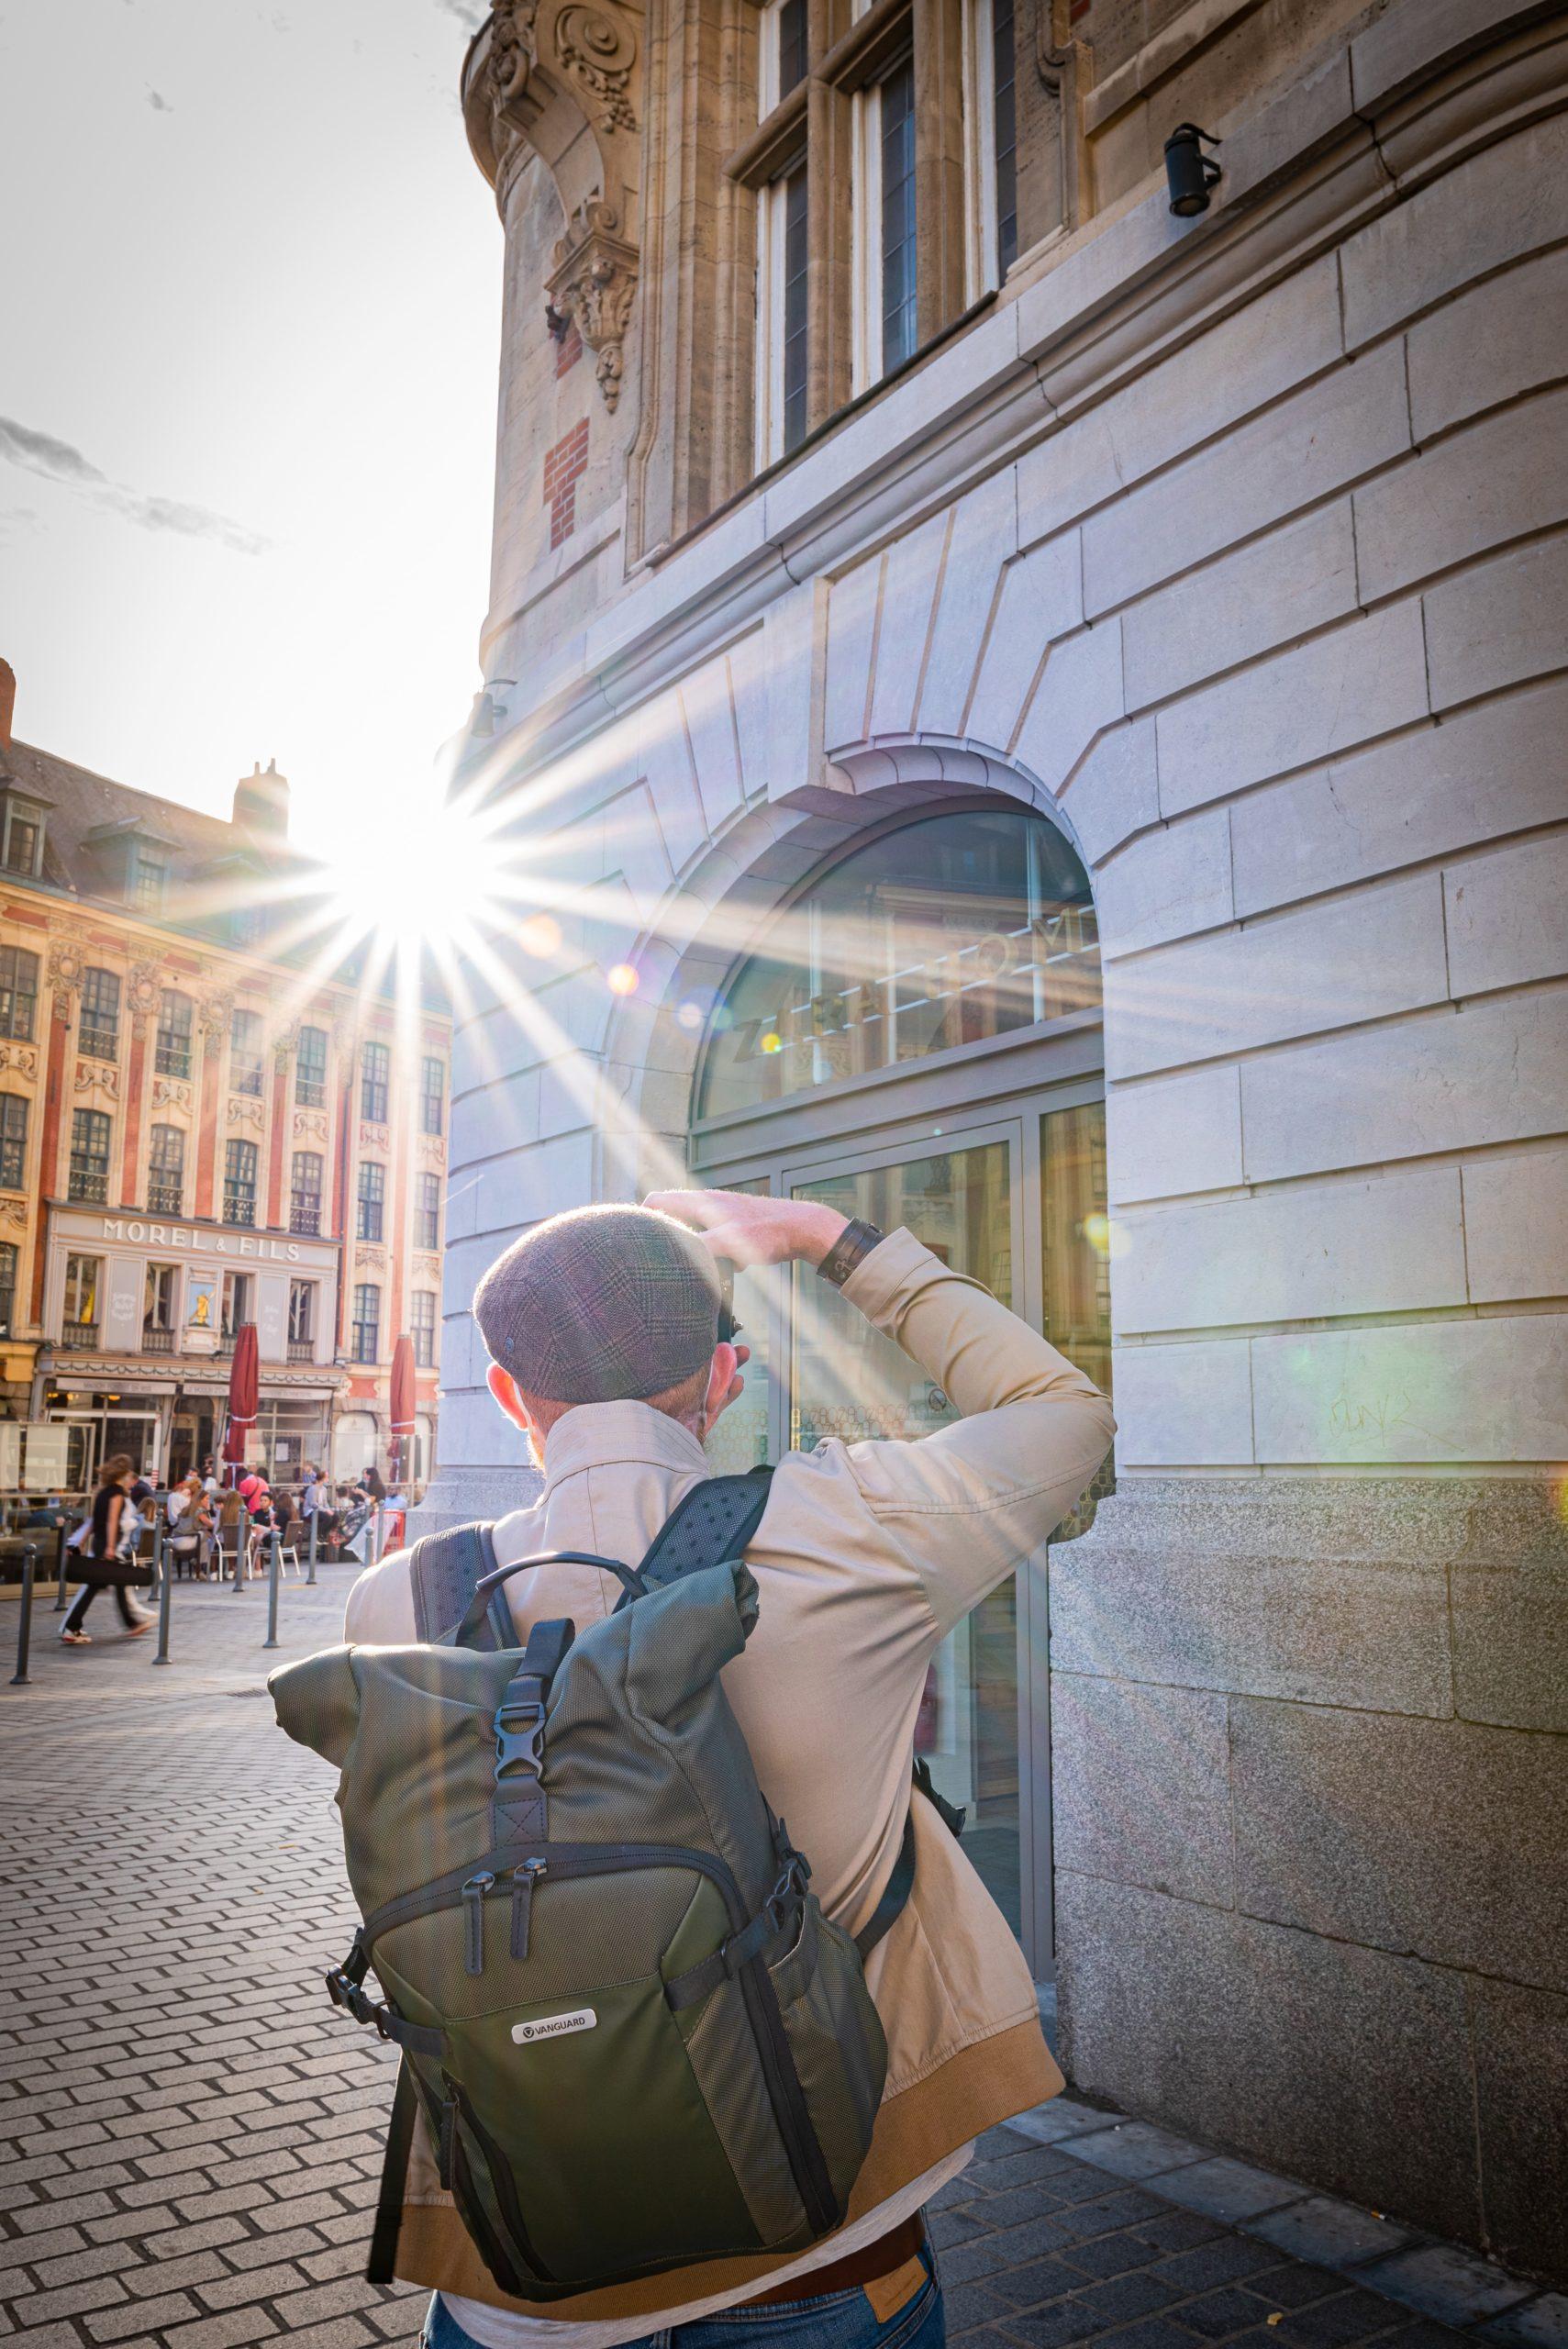 photos-lille-ambiance-pierre-cottret-et-alexandre-bridenne-alex-stories-hello-lille-ete-etoile